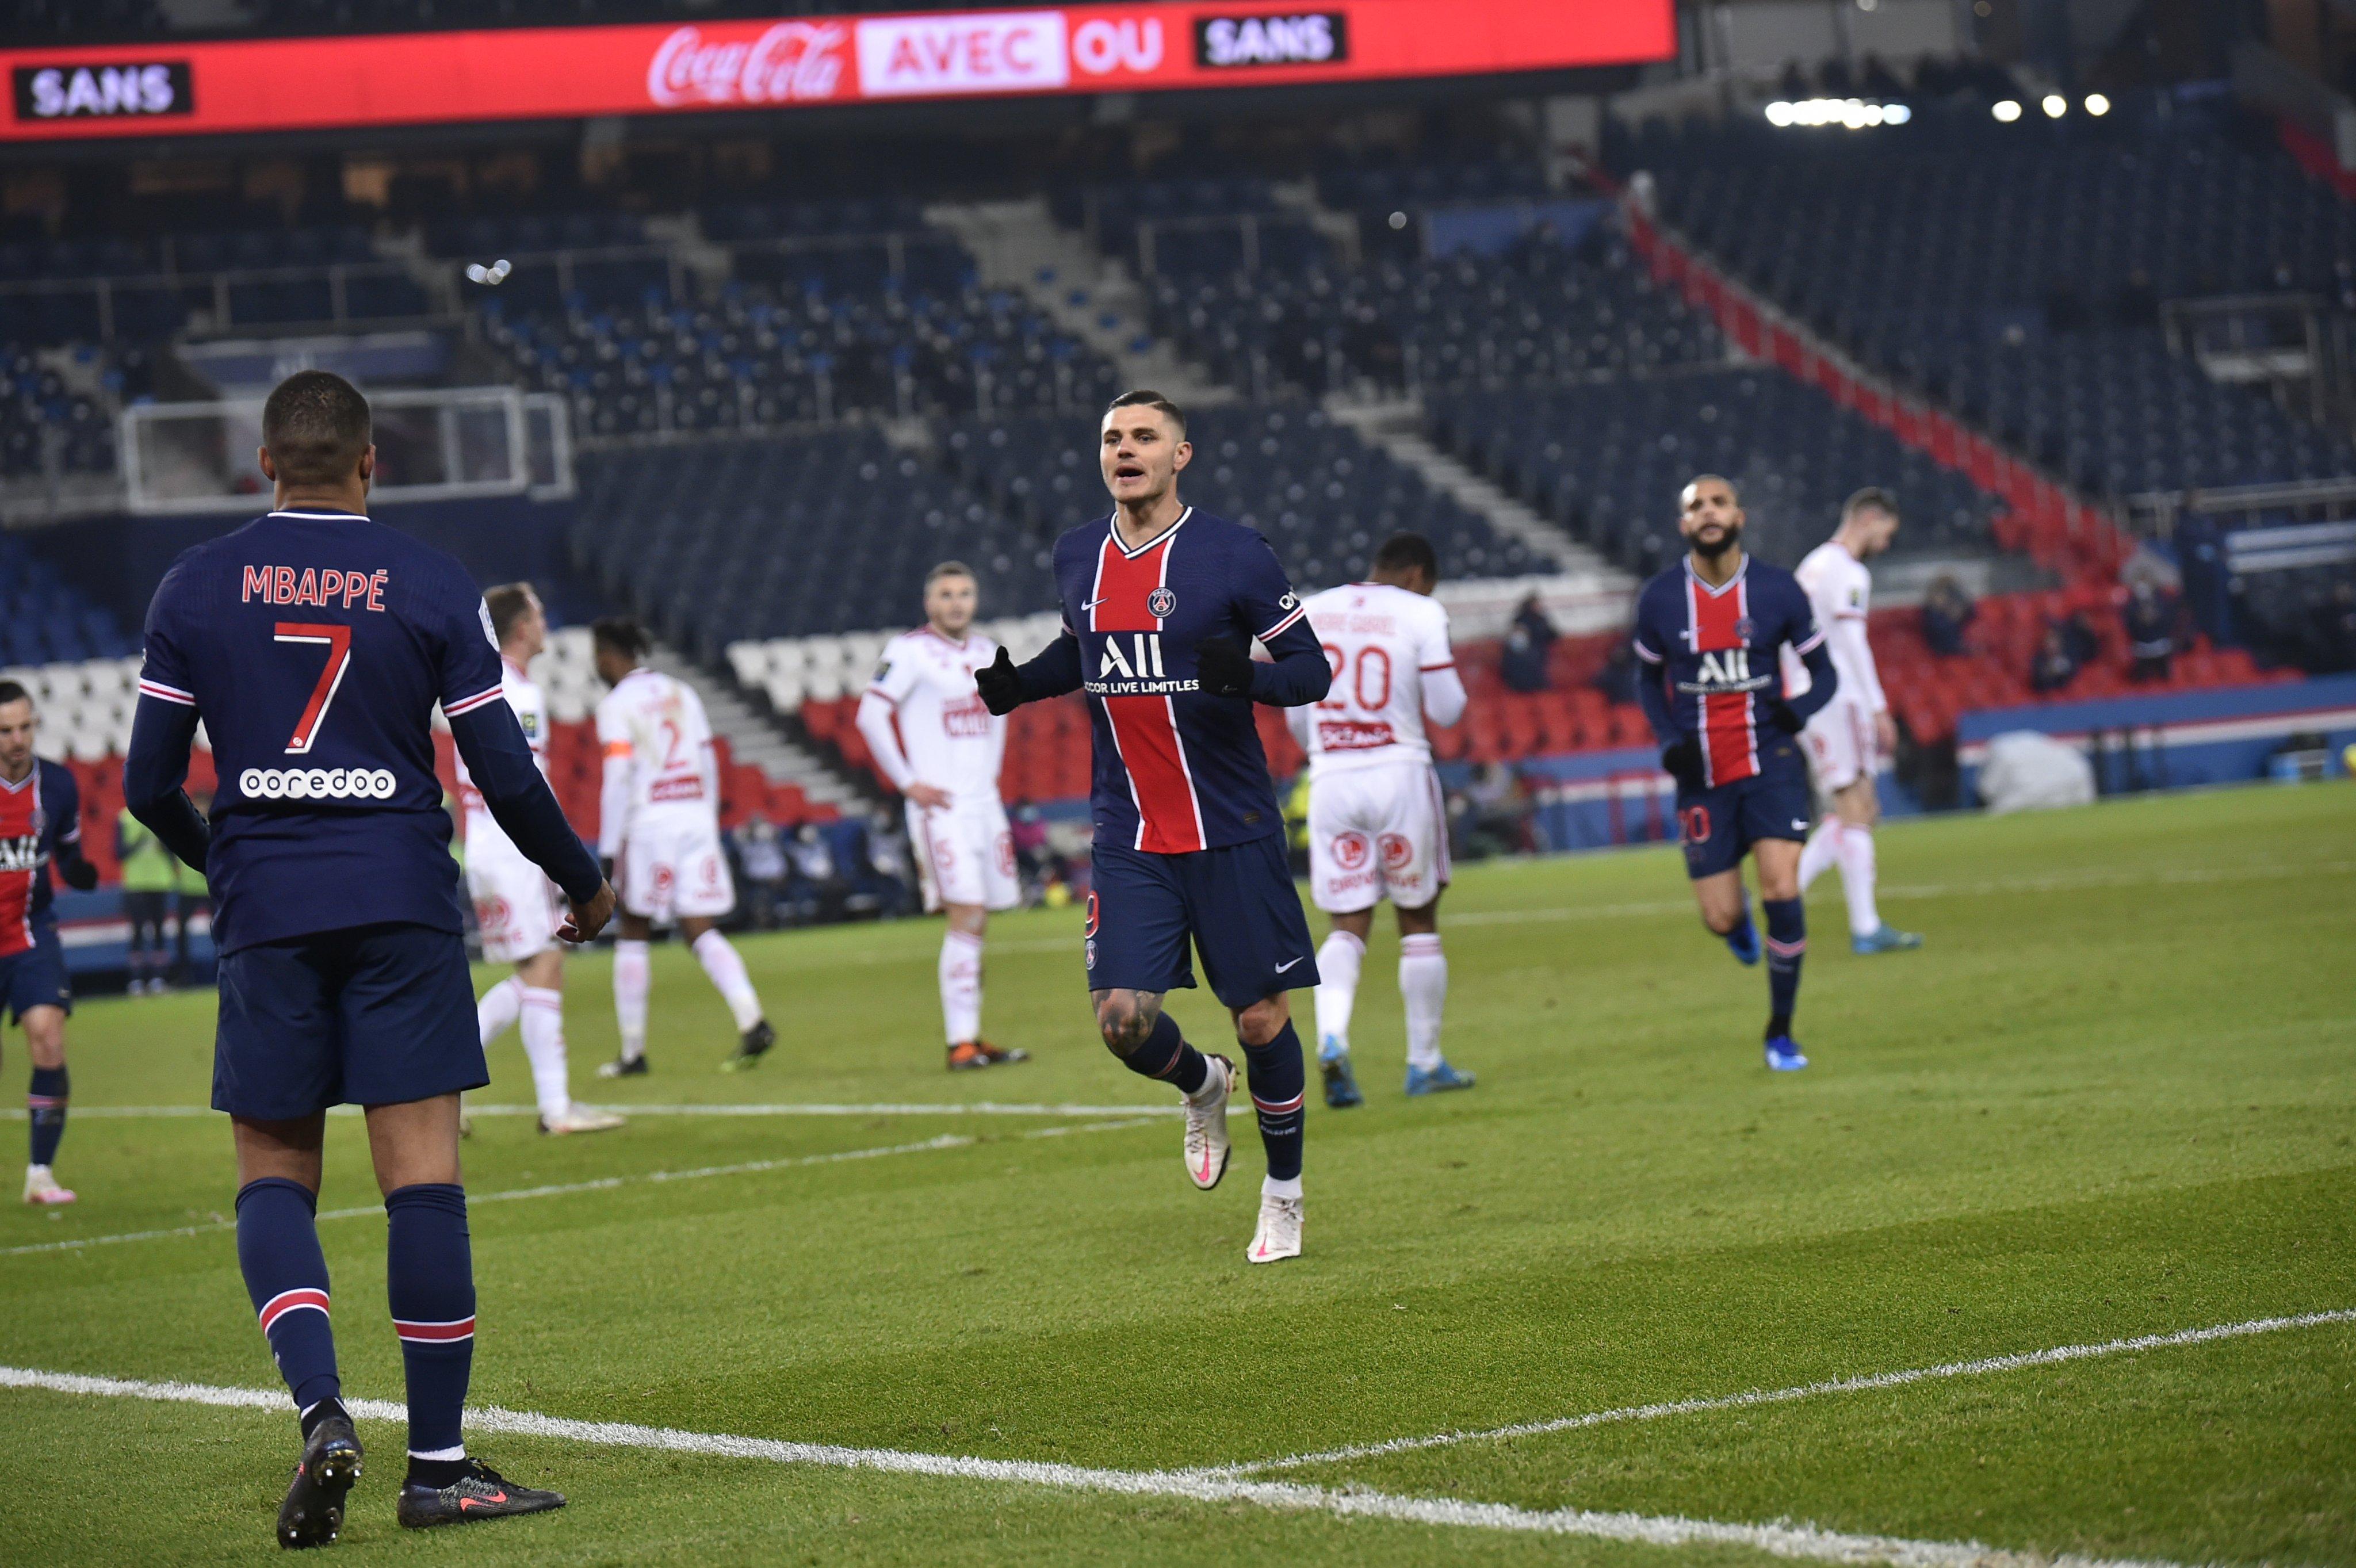 PSG : Thilo Kehrer, positif au Covid, forfait face à Brest - Eurosport